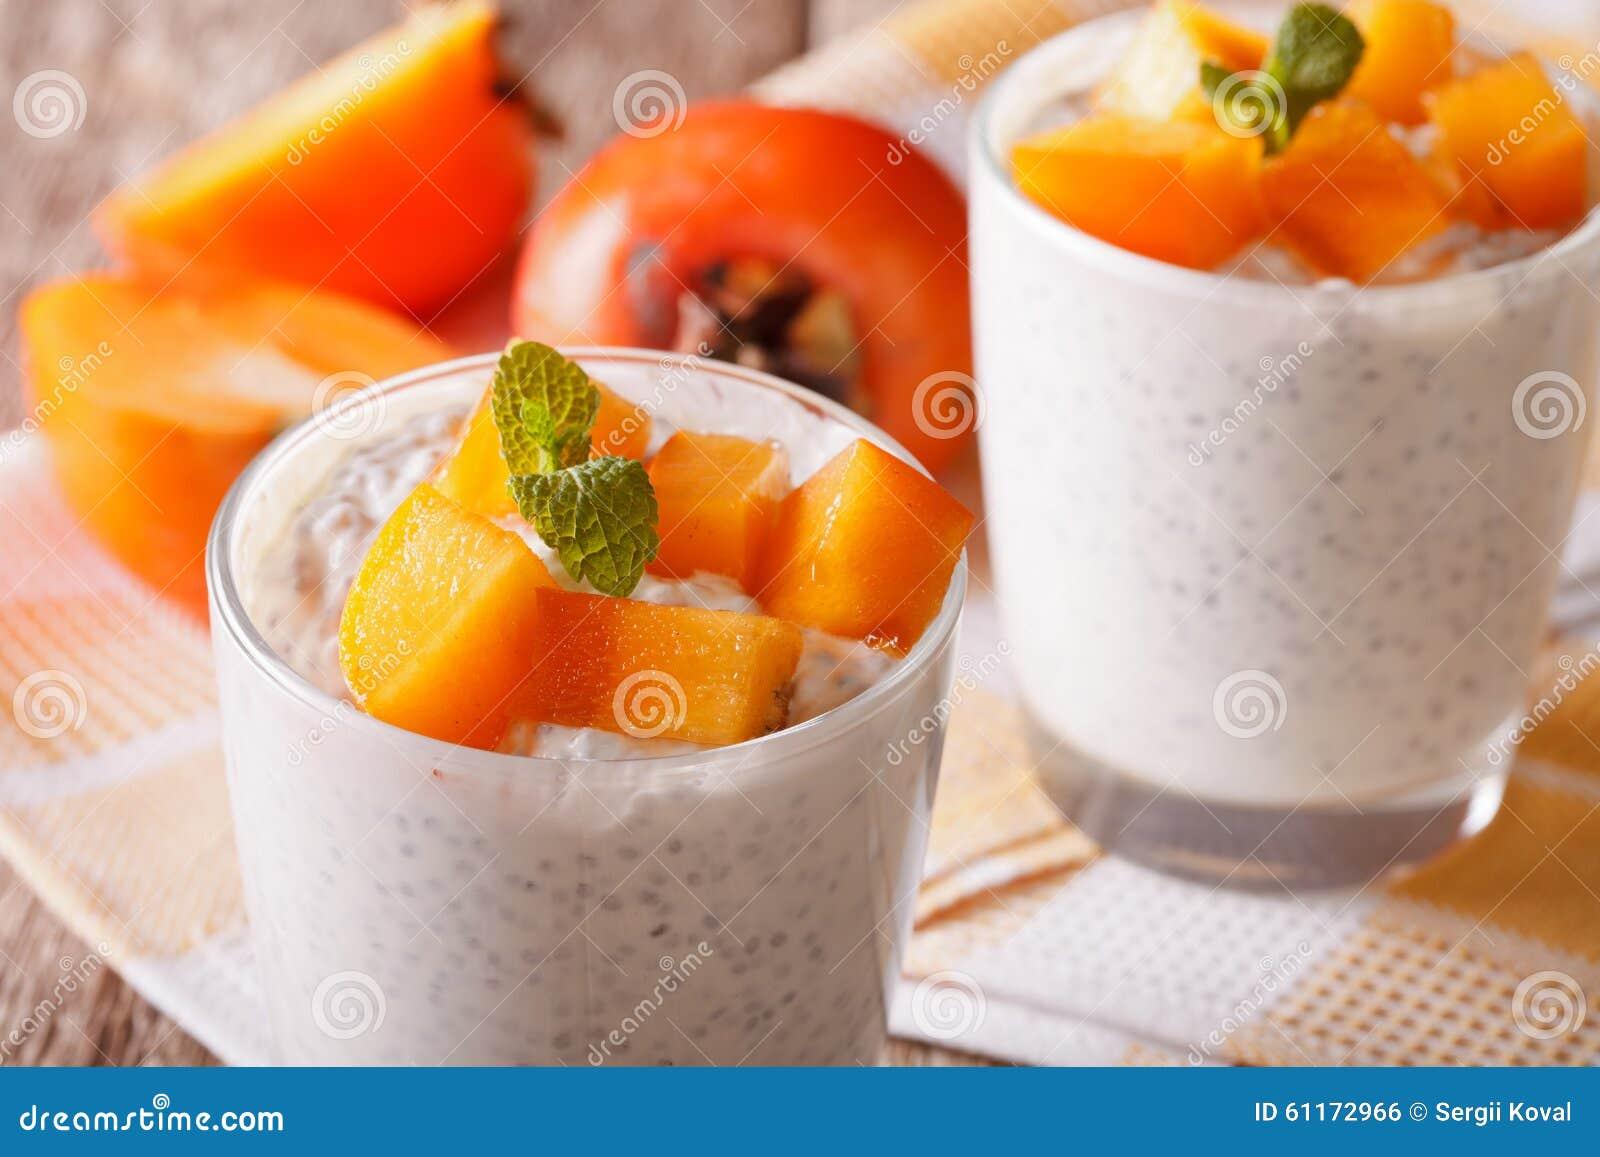 dessert avec des graines de chia et kaki étroit dans un verre sur la